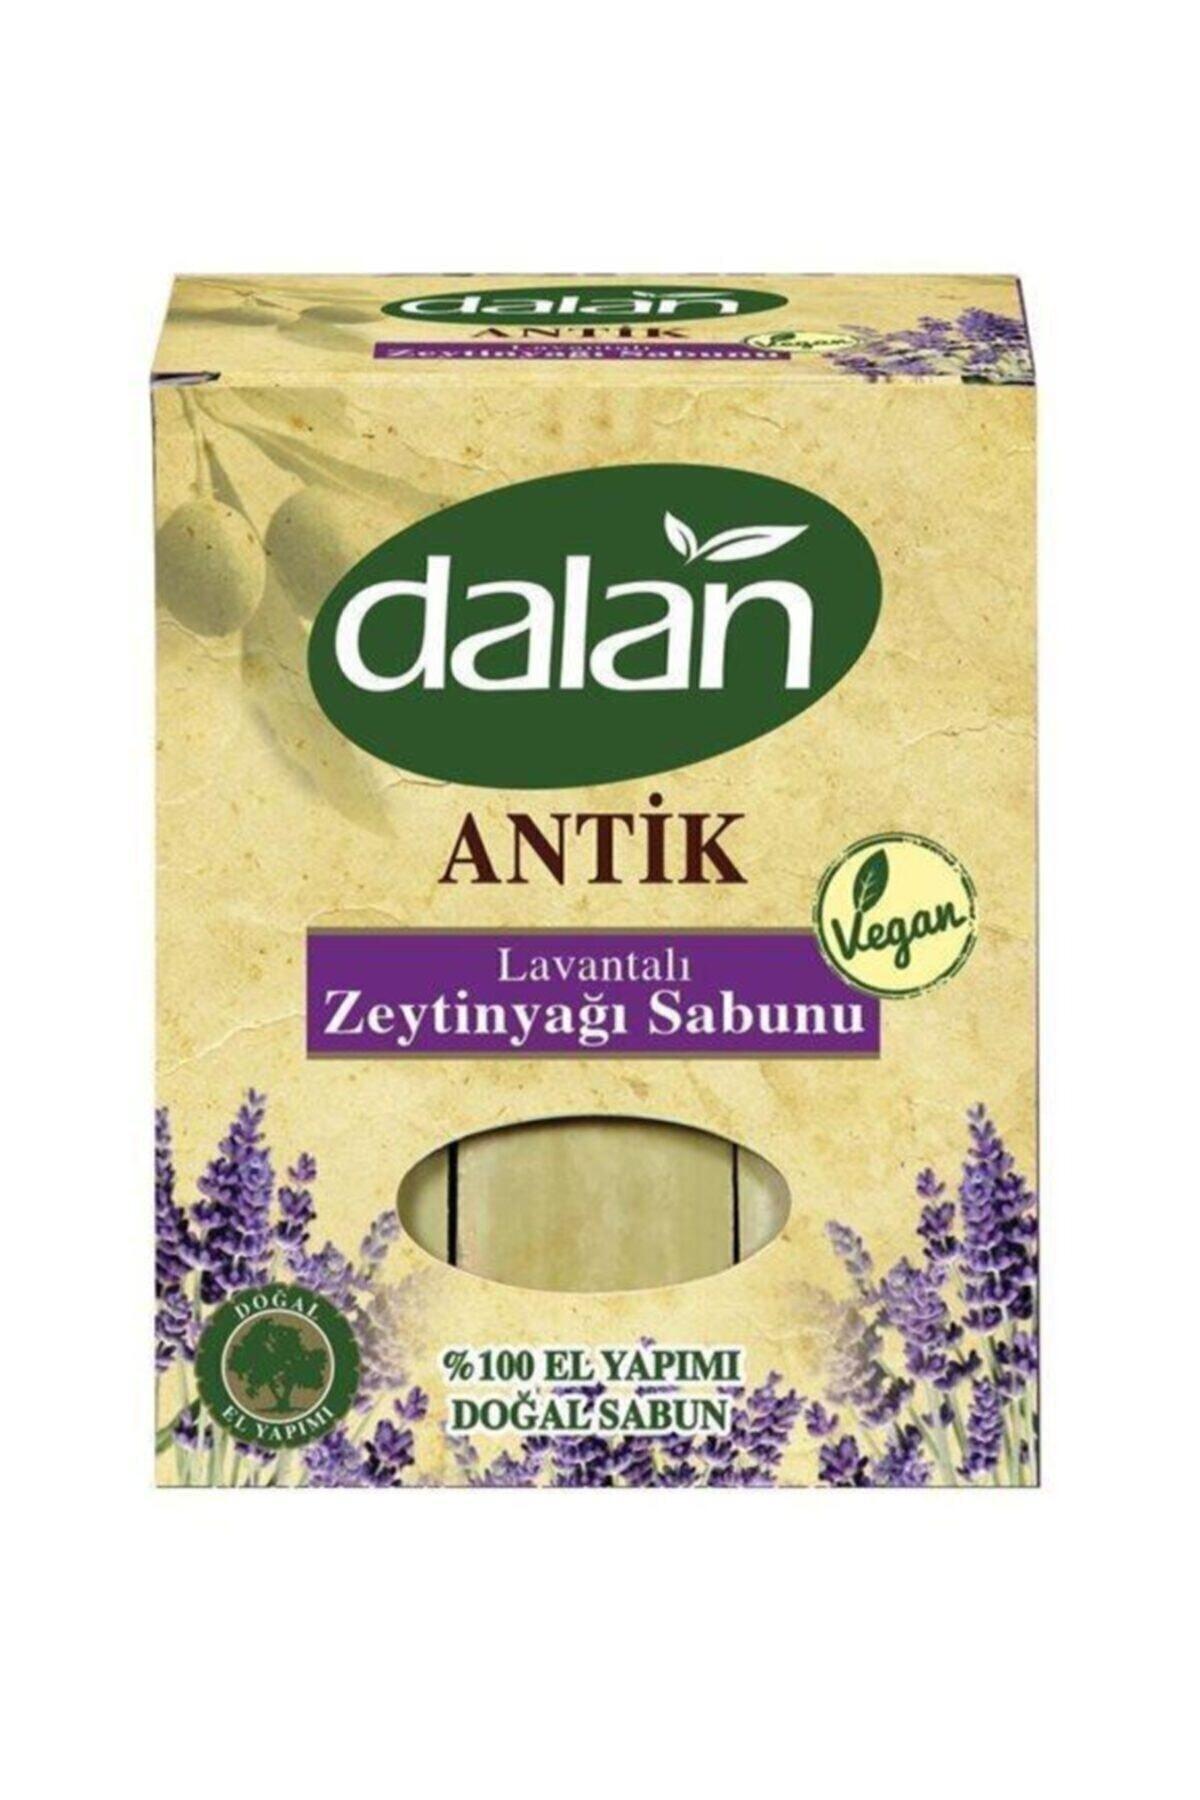 Antik Lavantalı Zeytinyağı Sabun %100 El Yapımı Sabunu 900 gr